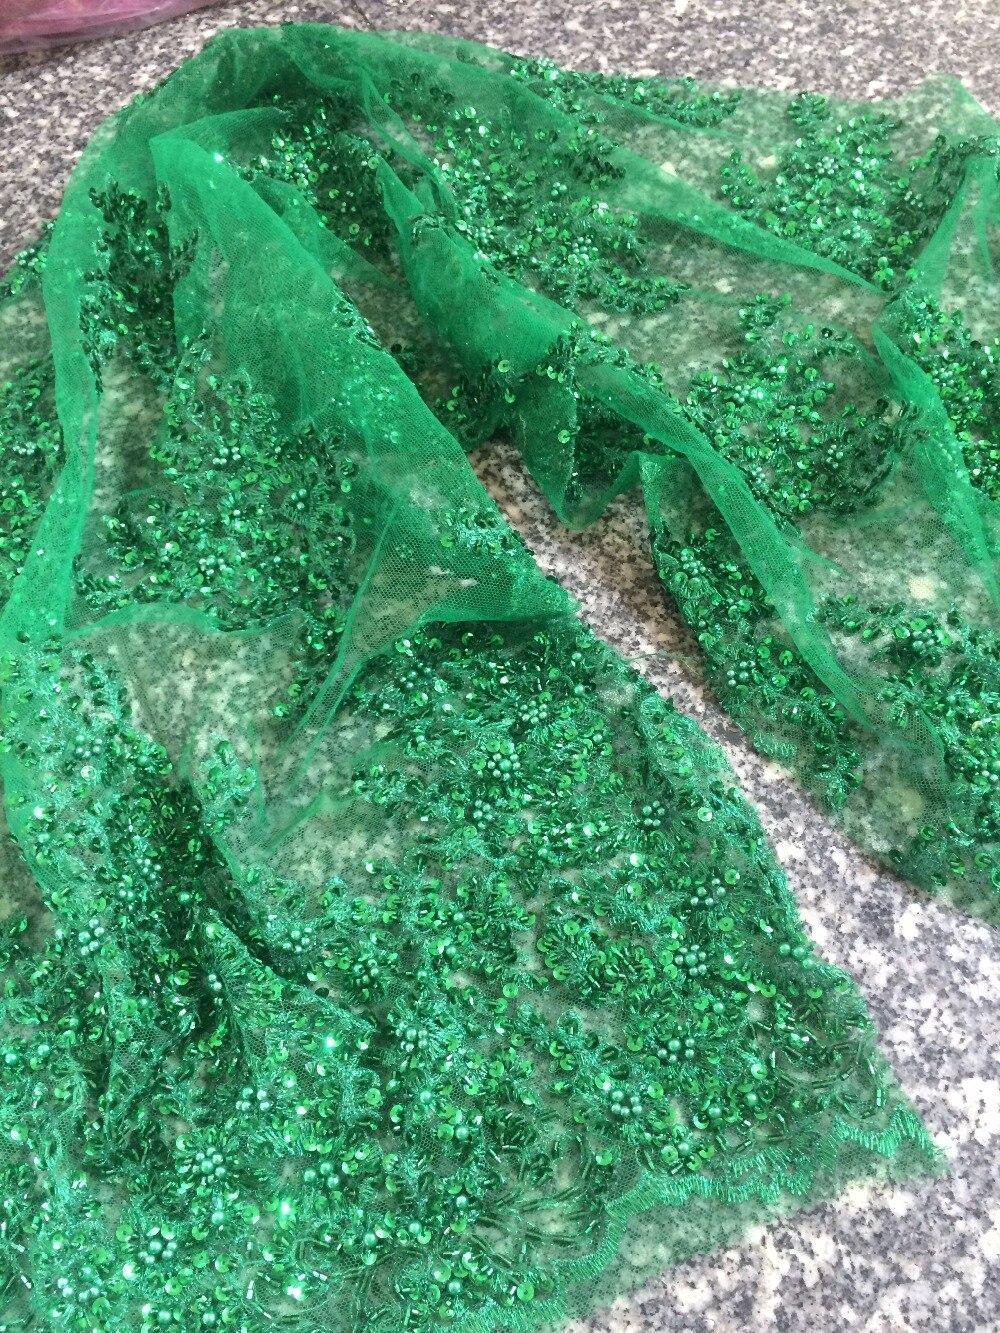 Tissu de dentelle africaine de luxe Z-han32126 avec perles de verre joli français Guipure tulle dentelle tissu de haute qualité - 4